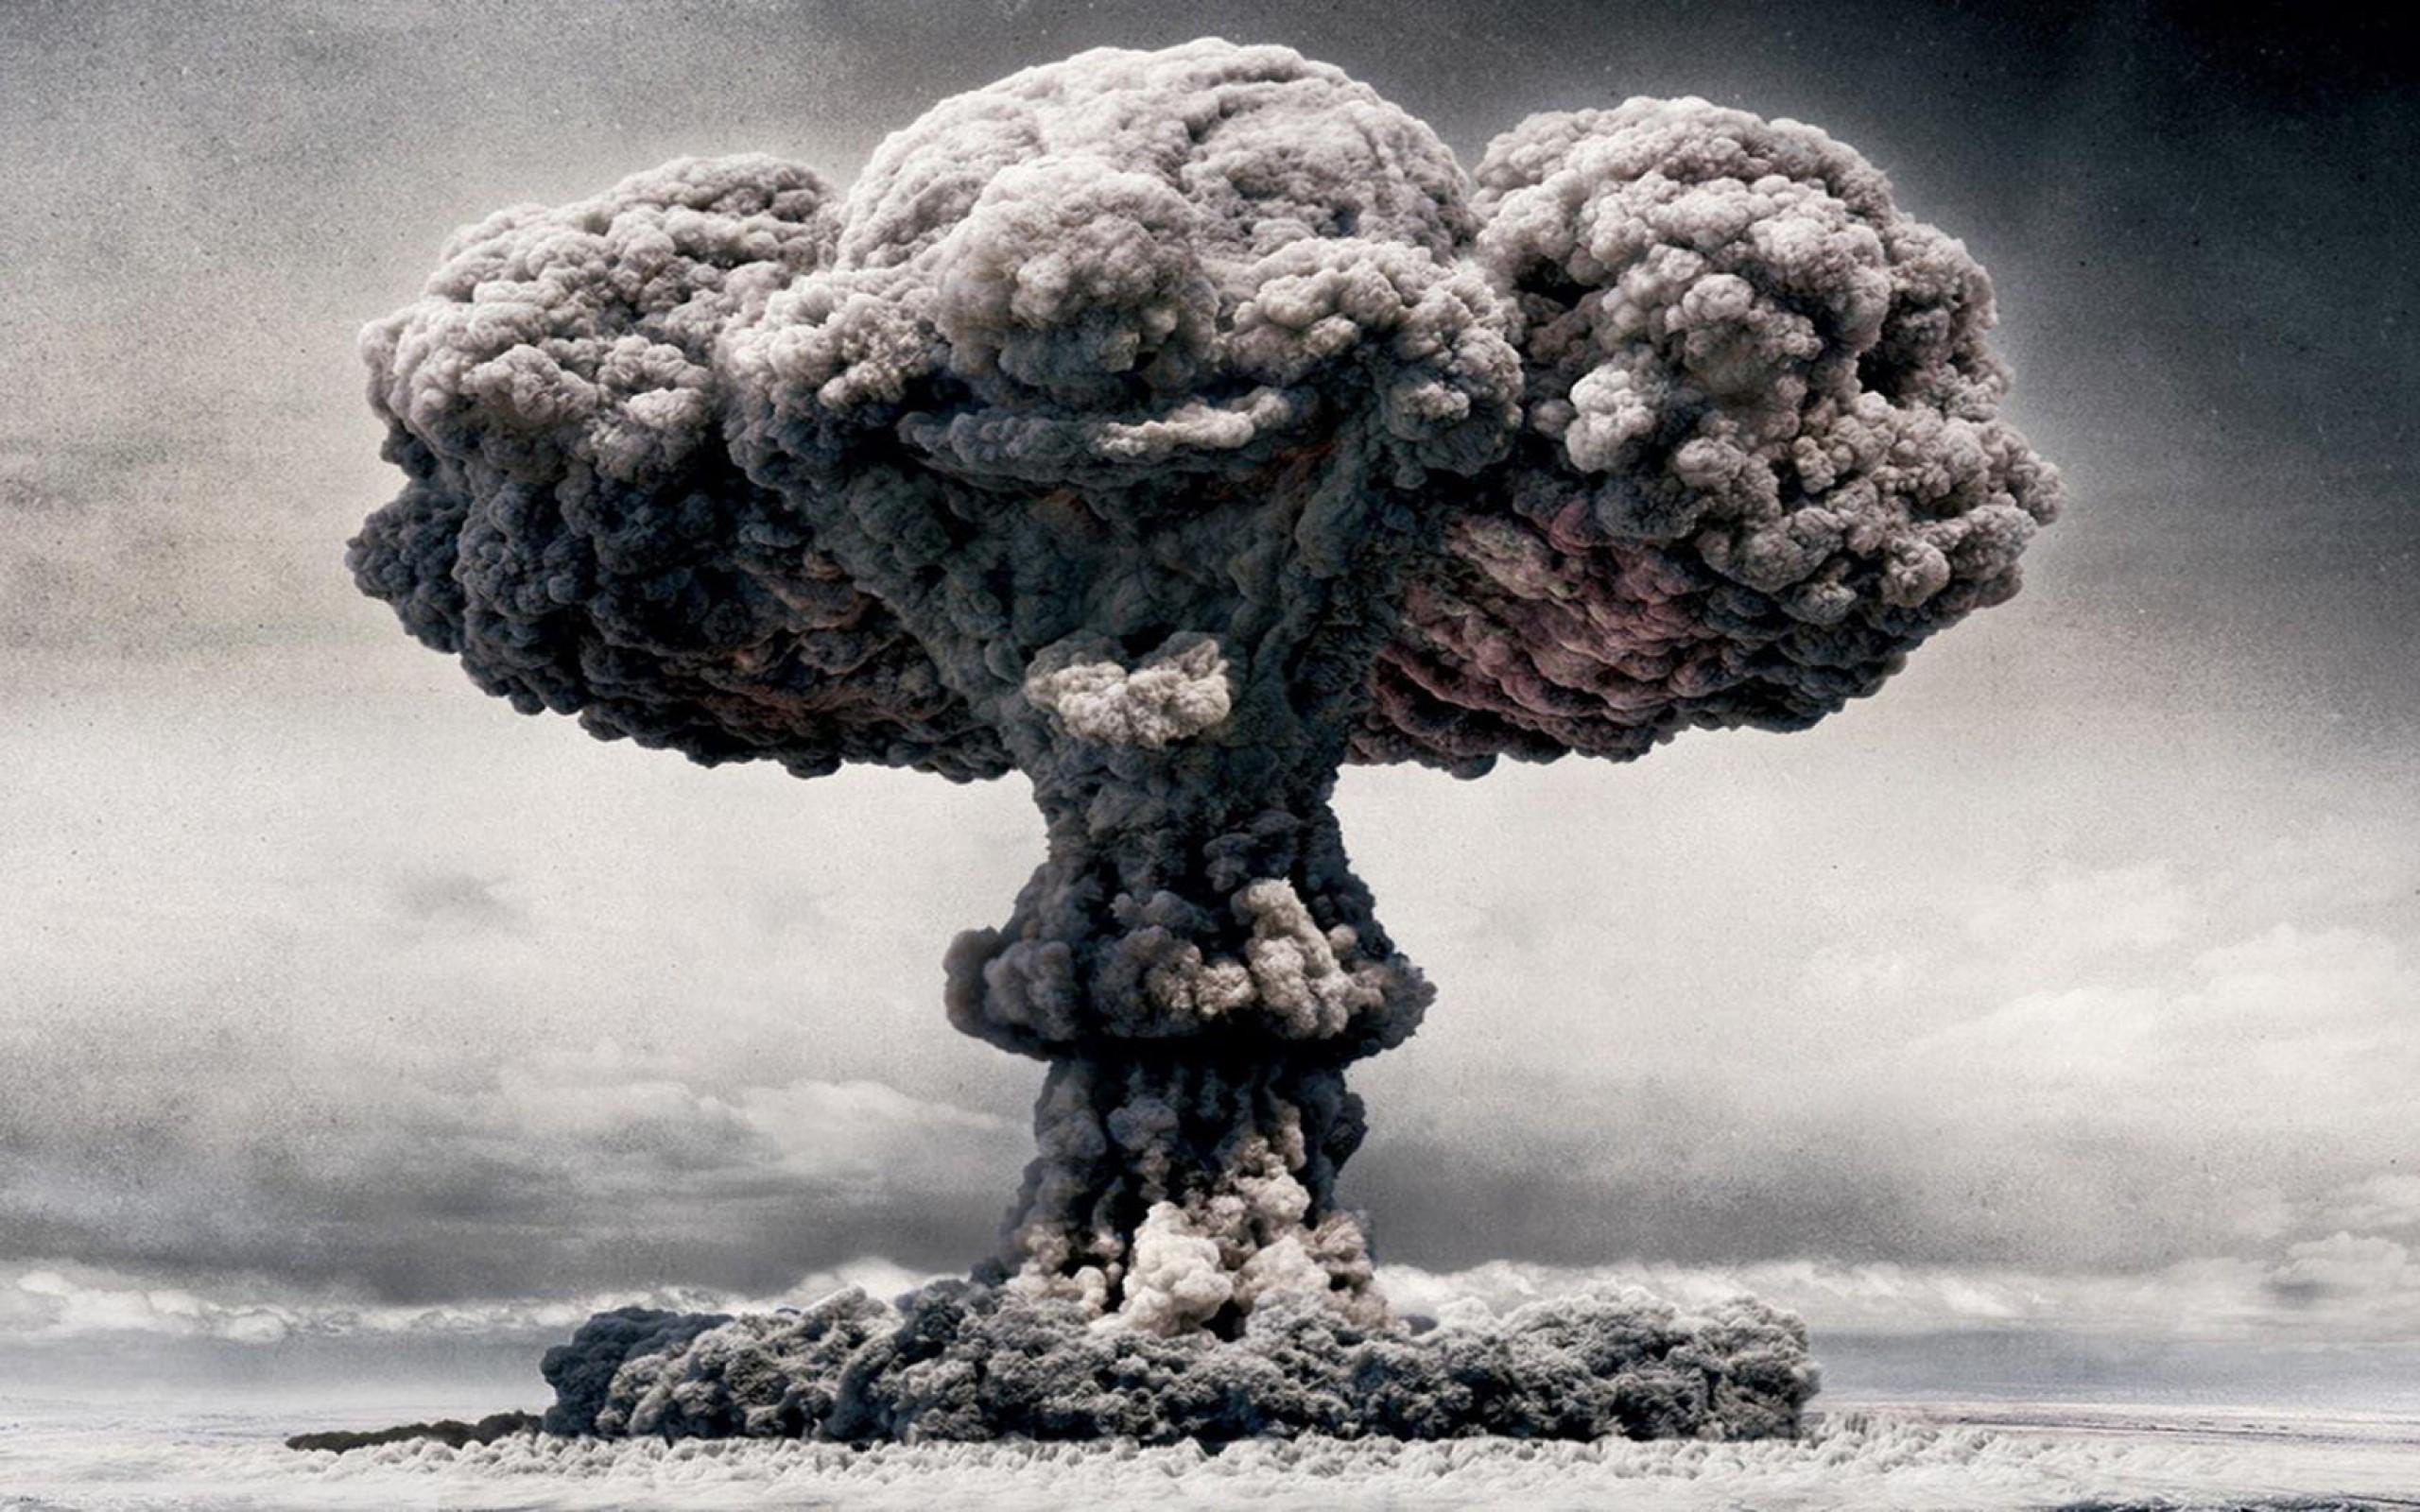 Imagini pentru EXPLOZIE NUCLEARA